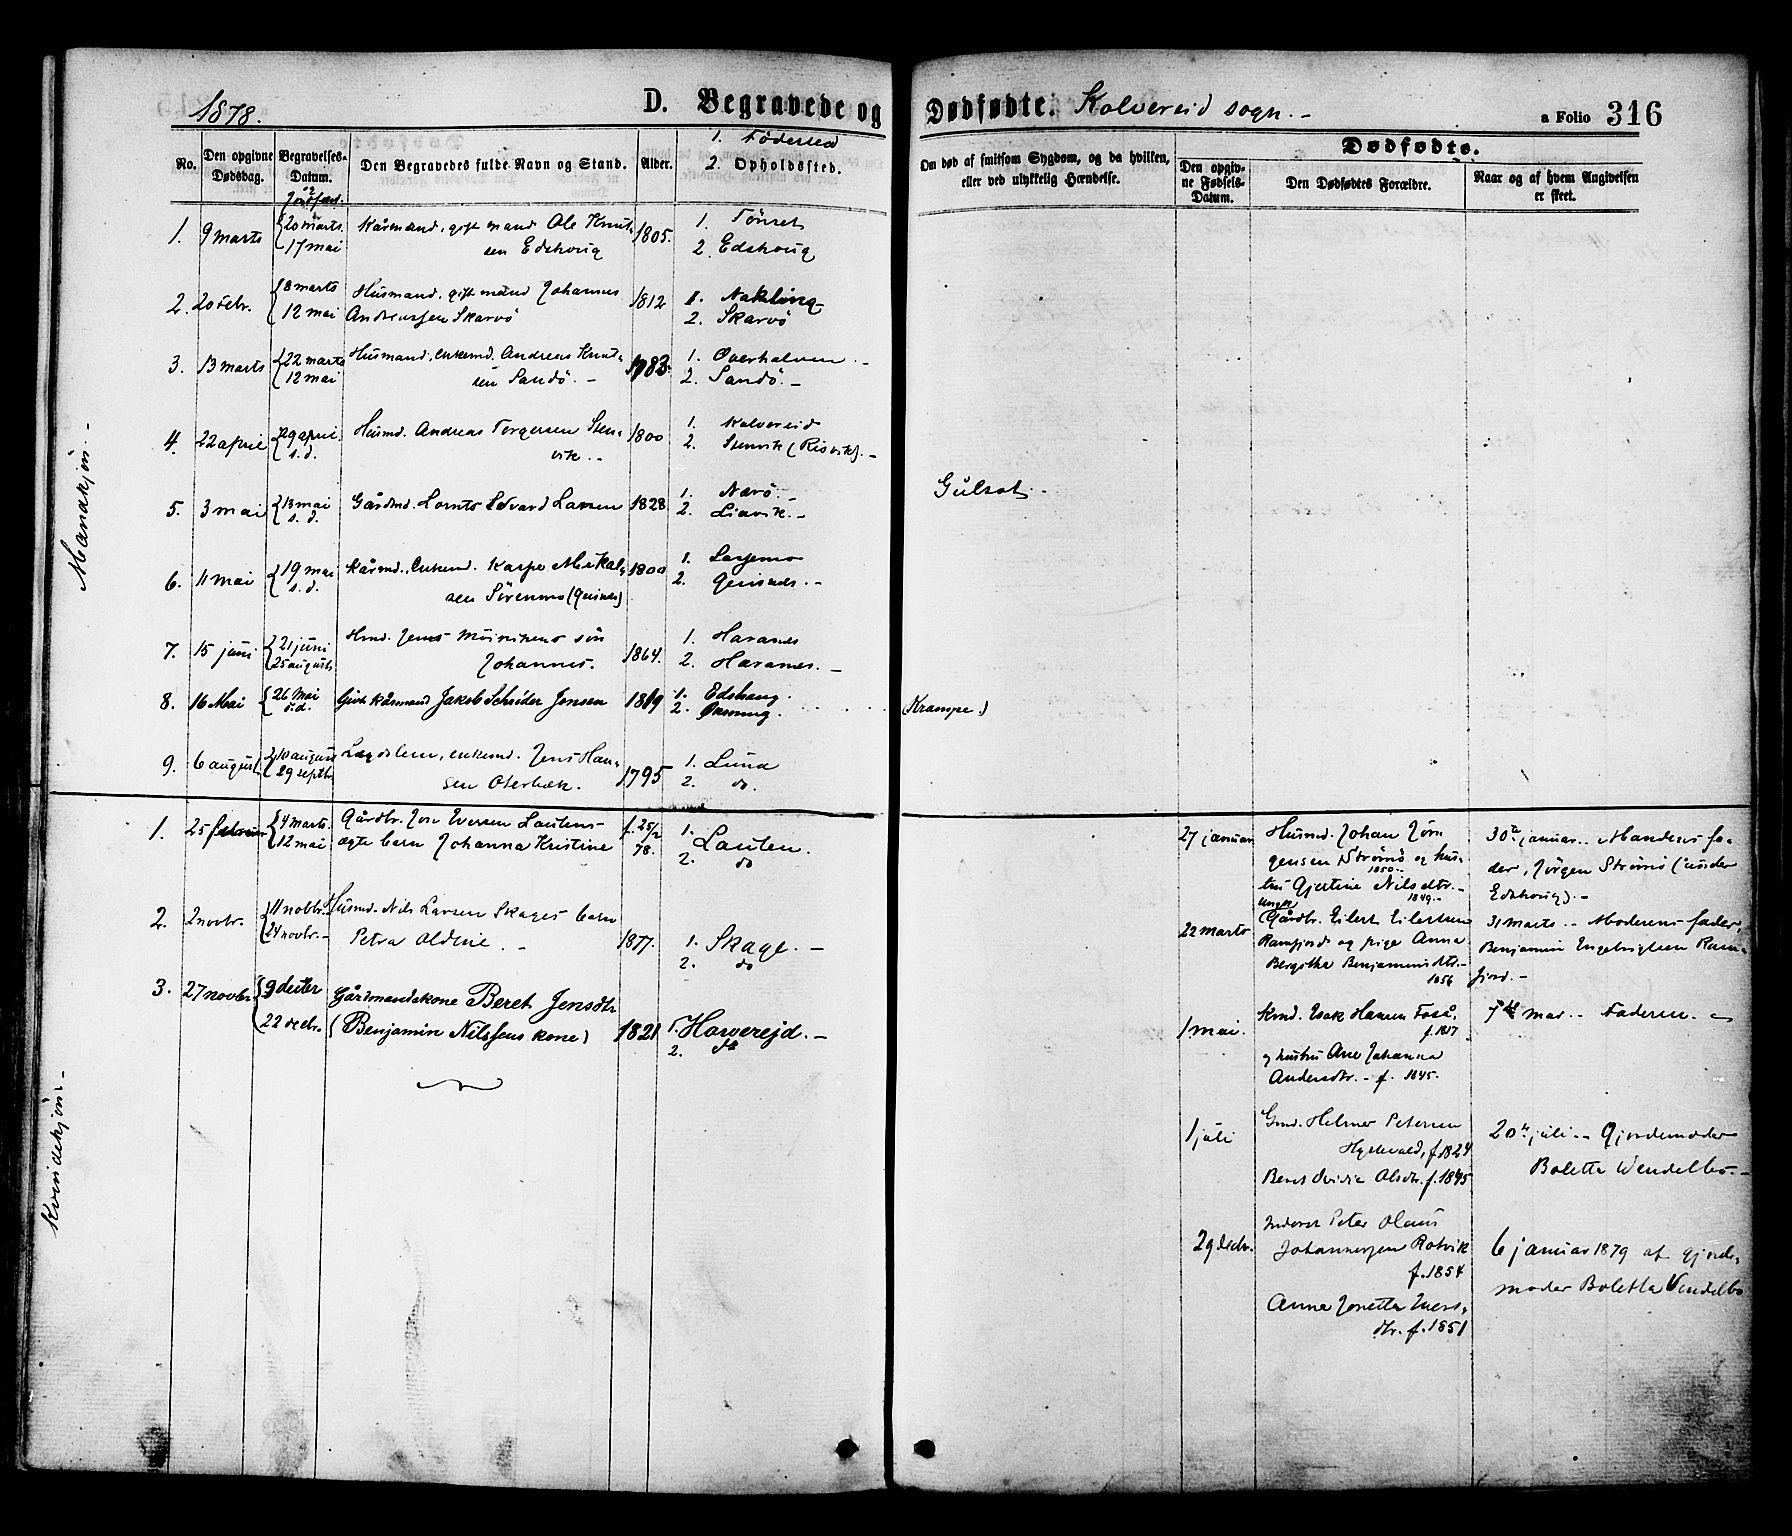 SAT, Ministerialprotokoller, klokkerbøker og fødselsregistre - Nord-Trøndelag, 780/L0642: Ministerialbok nr. 780A07 /1, 1874-1885, s. 316